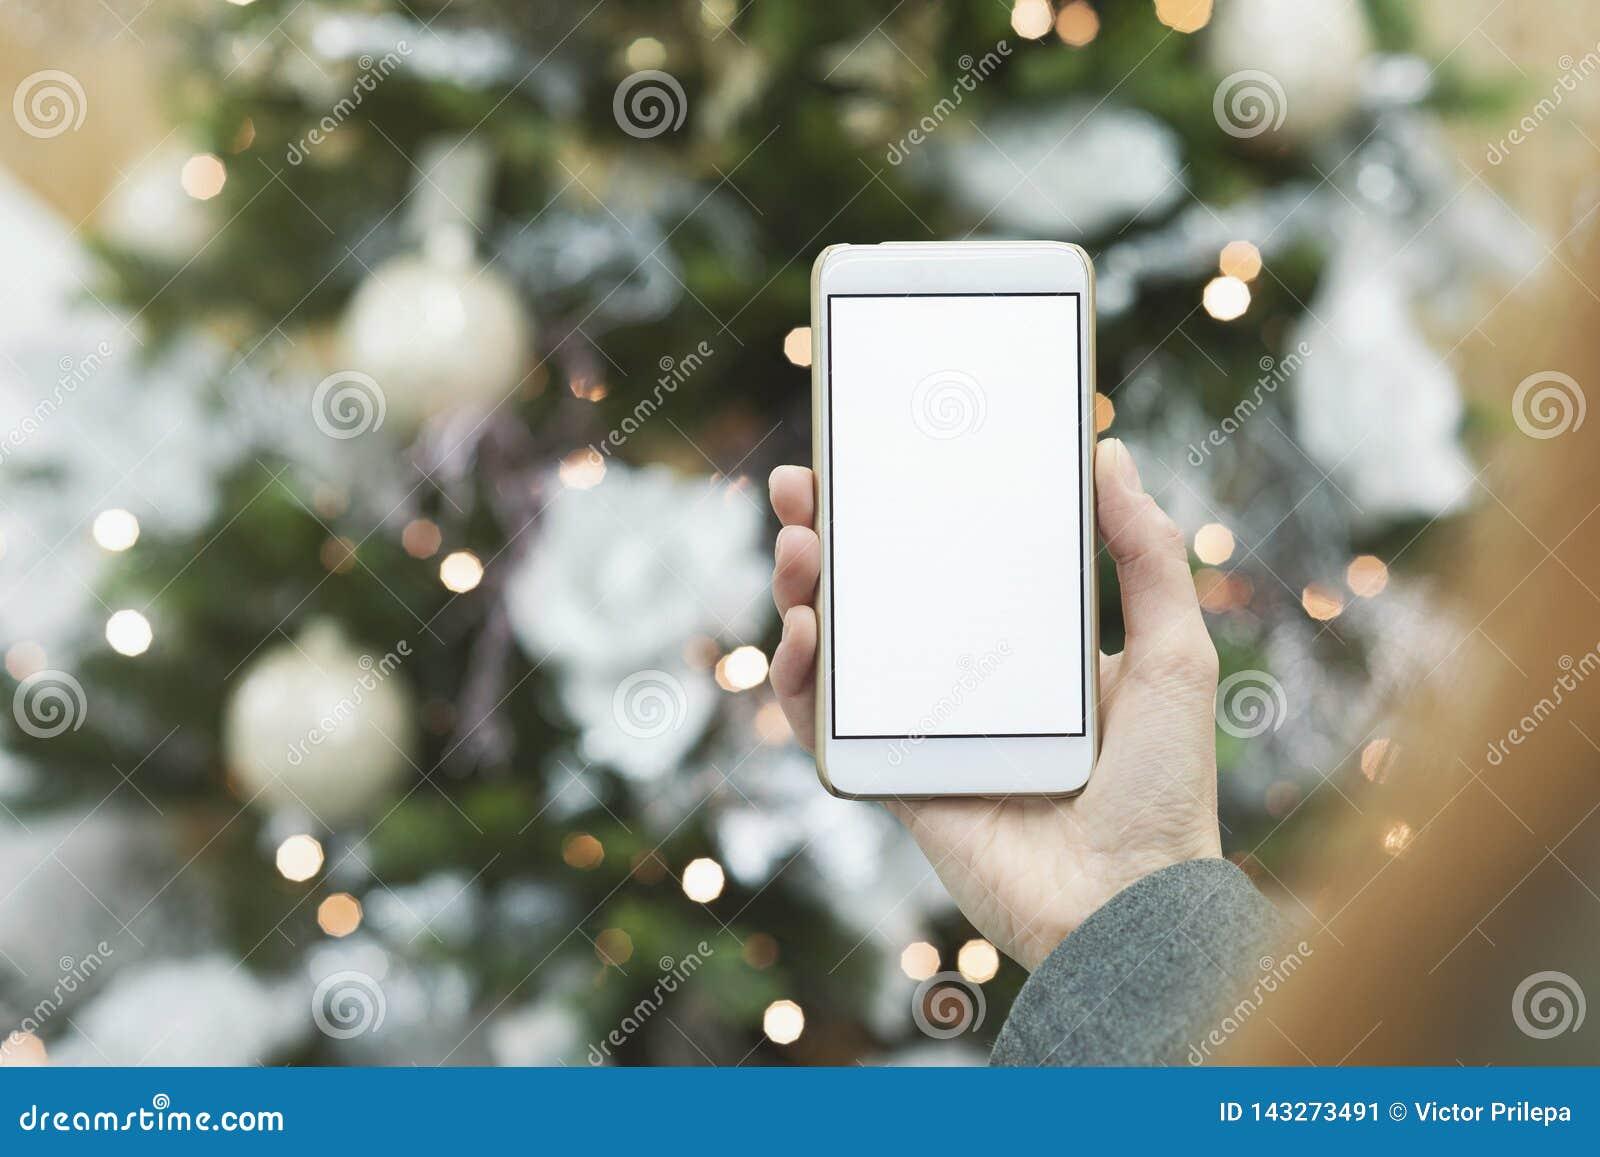 Trocista acima do smartphone na mão da menina no fundo da árvore de Natal com uma decoração festiva